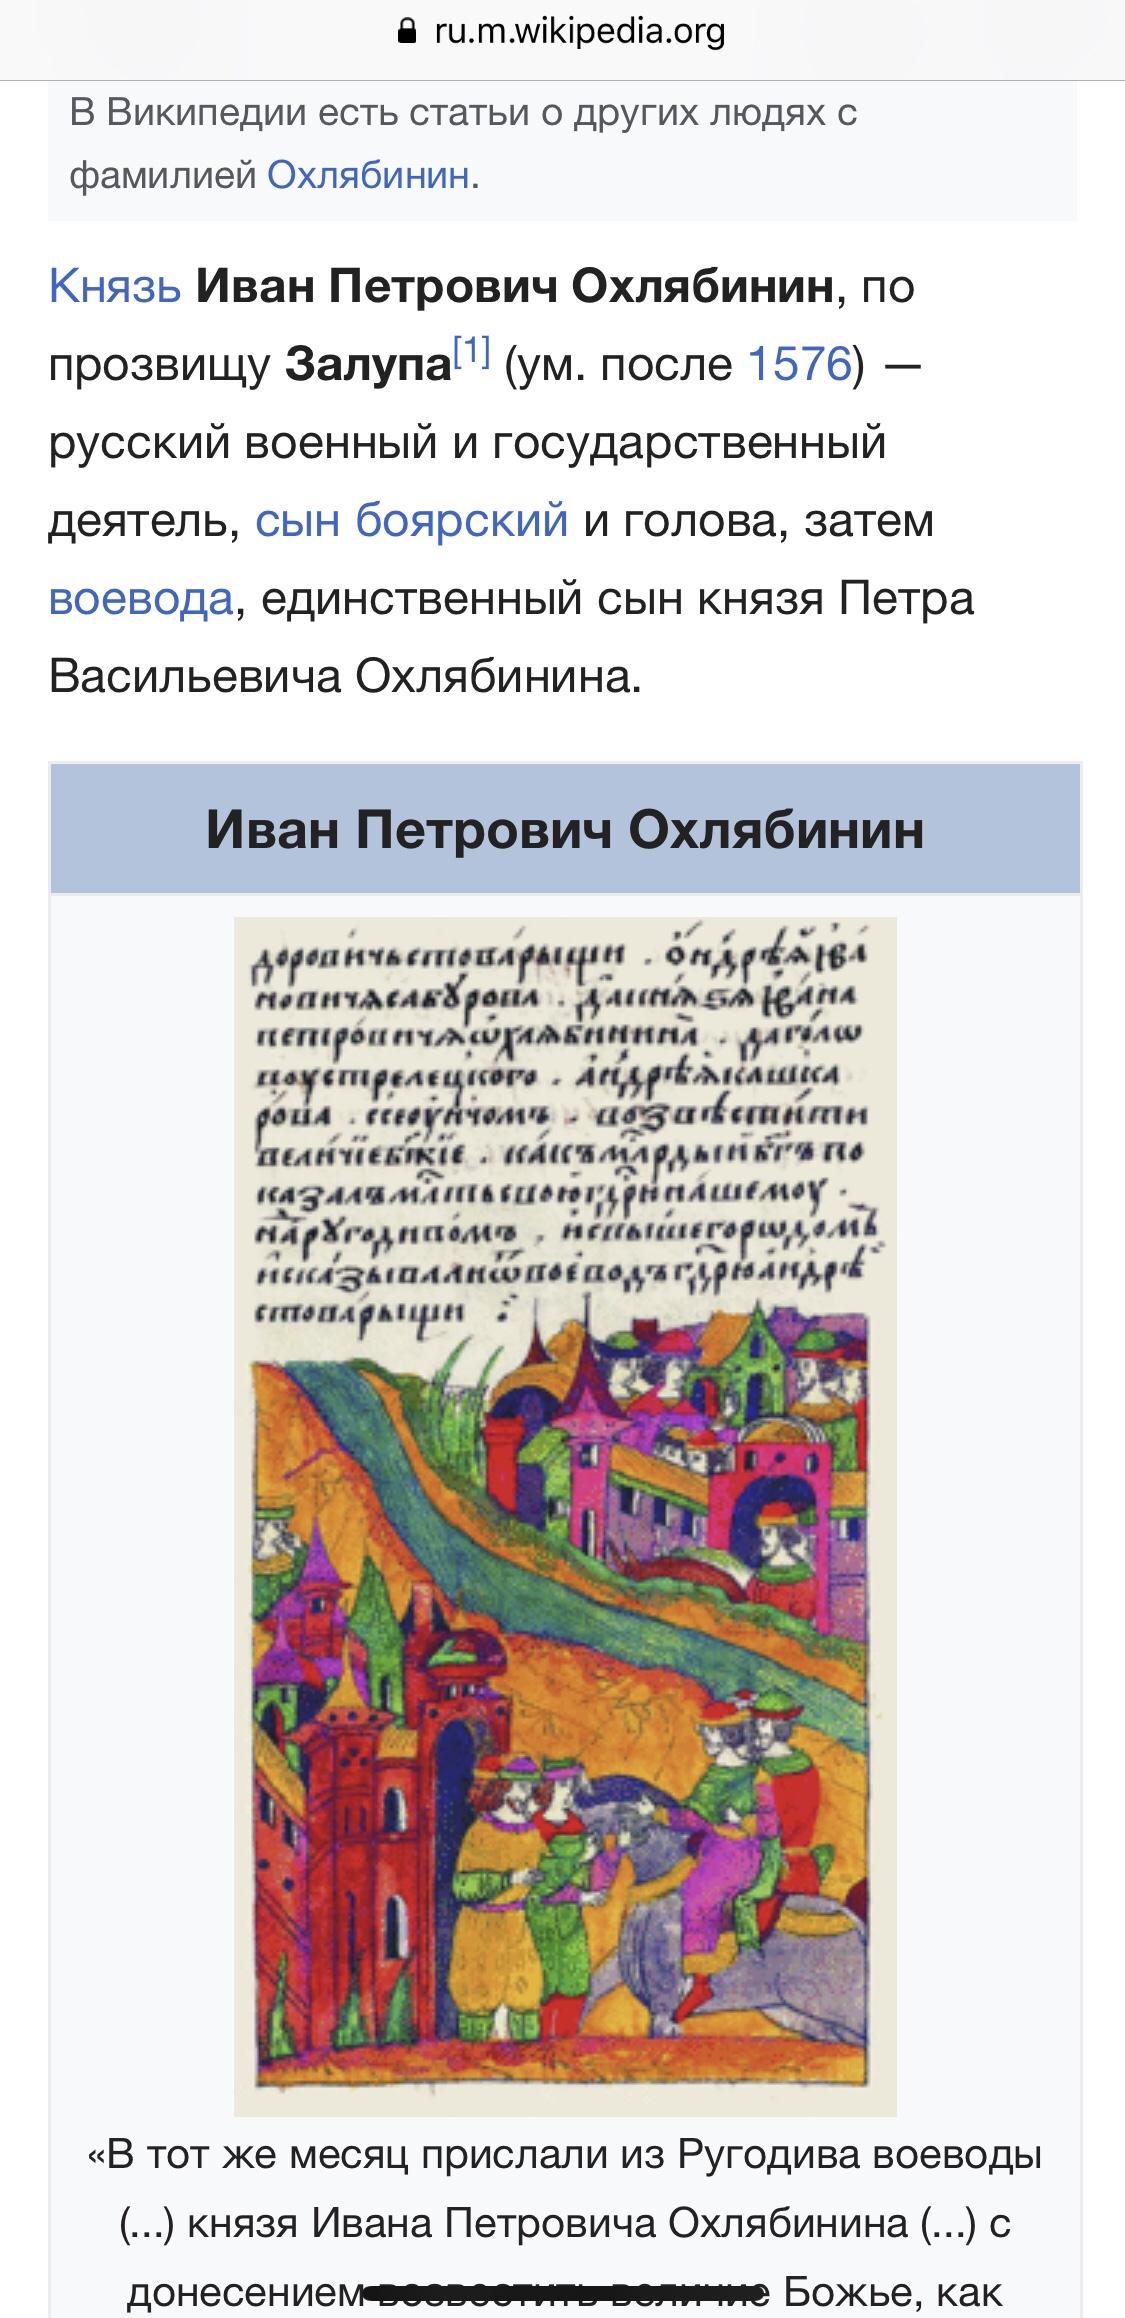 Звернення матері Сенцова з проханням про помилування її сина буде розглянуто, але термінів я назвати не можу, - Пєсков - Цензор.НЕТ 1875